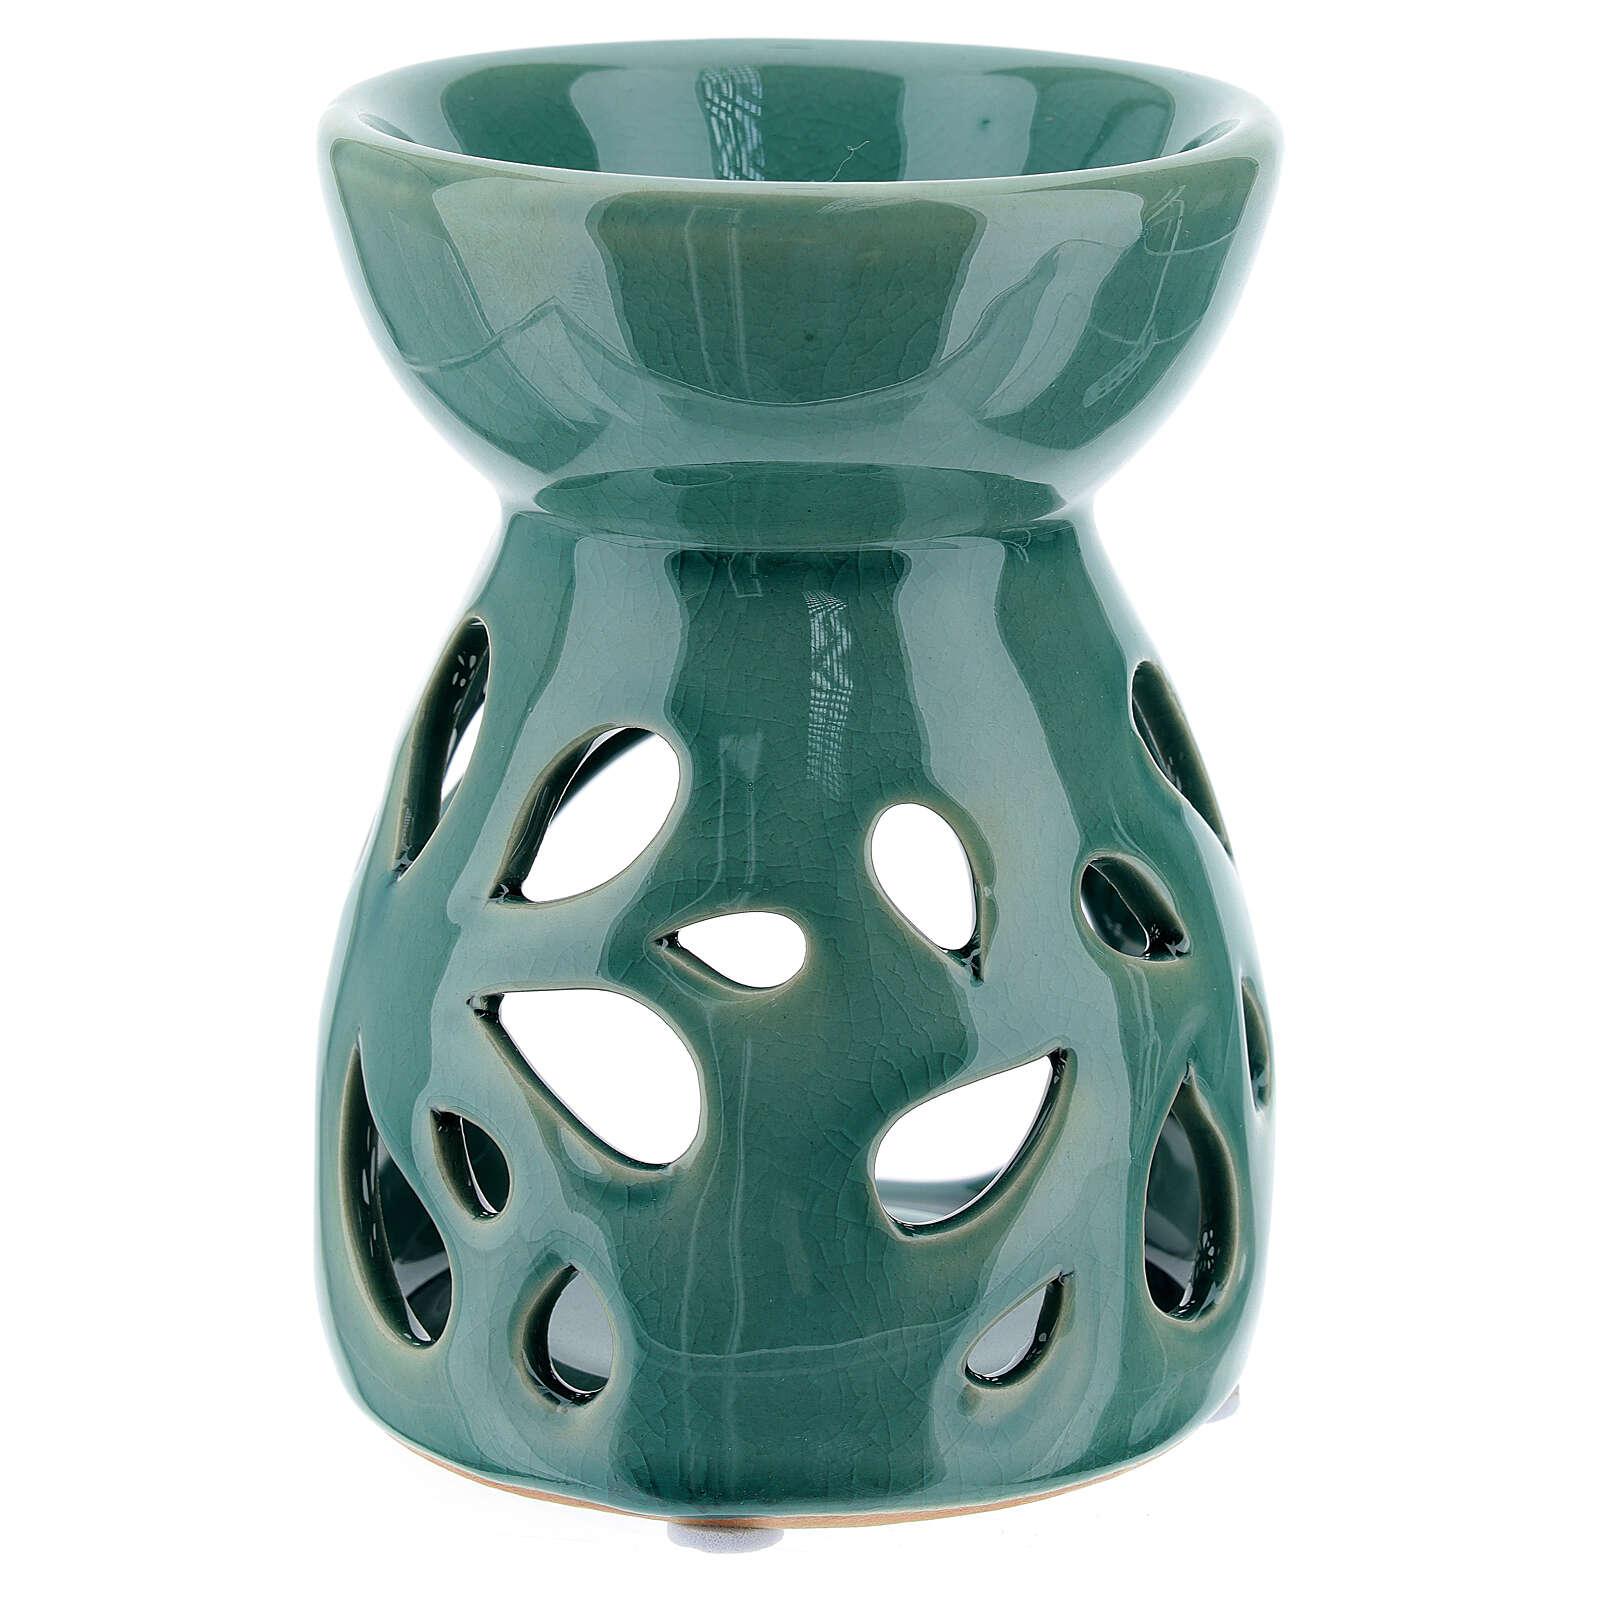 Brucia essenze ceramica traforato verde smeraldo 11 cm 3